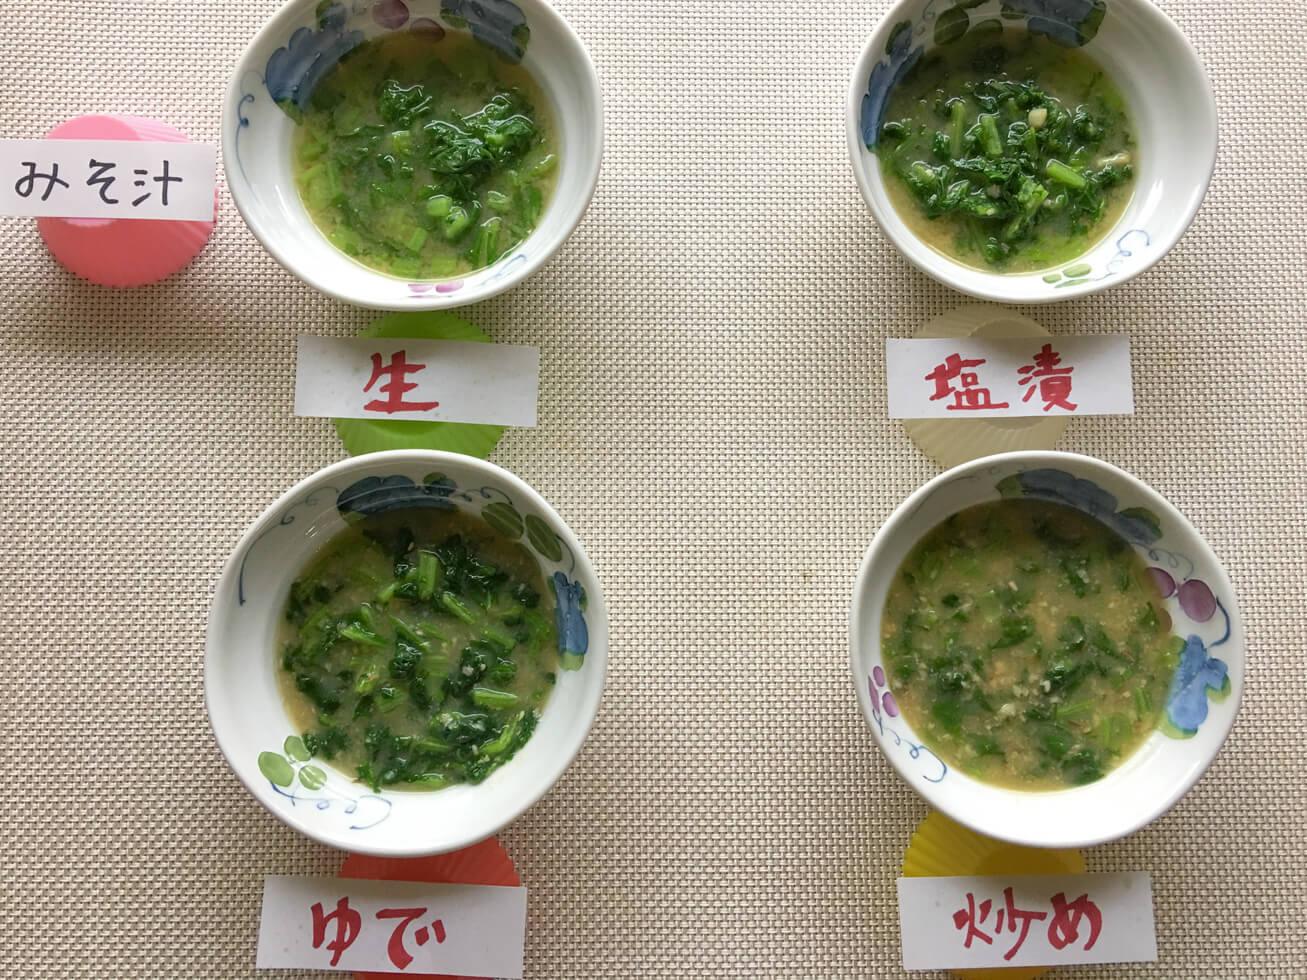 4種の冷凍法で大根葉の味噌汁を作って並べた写真